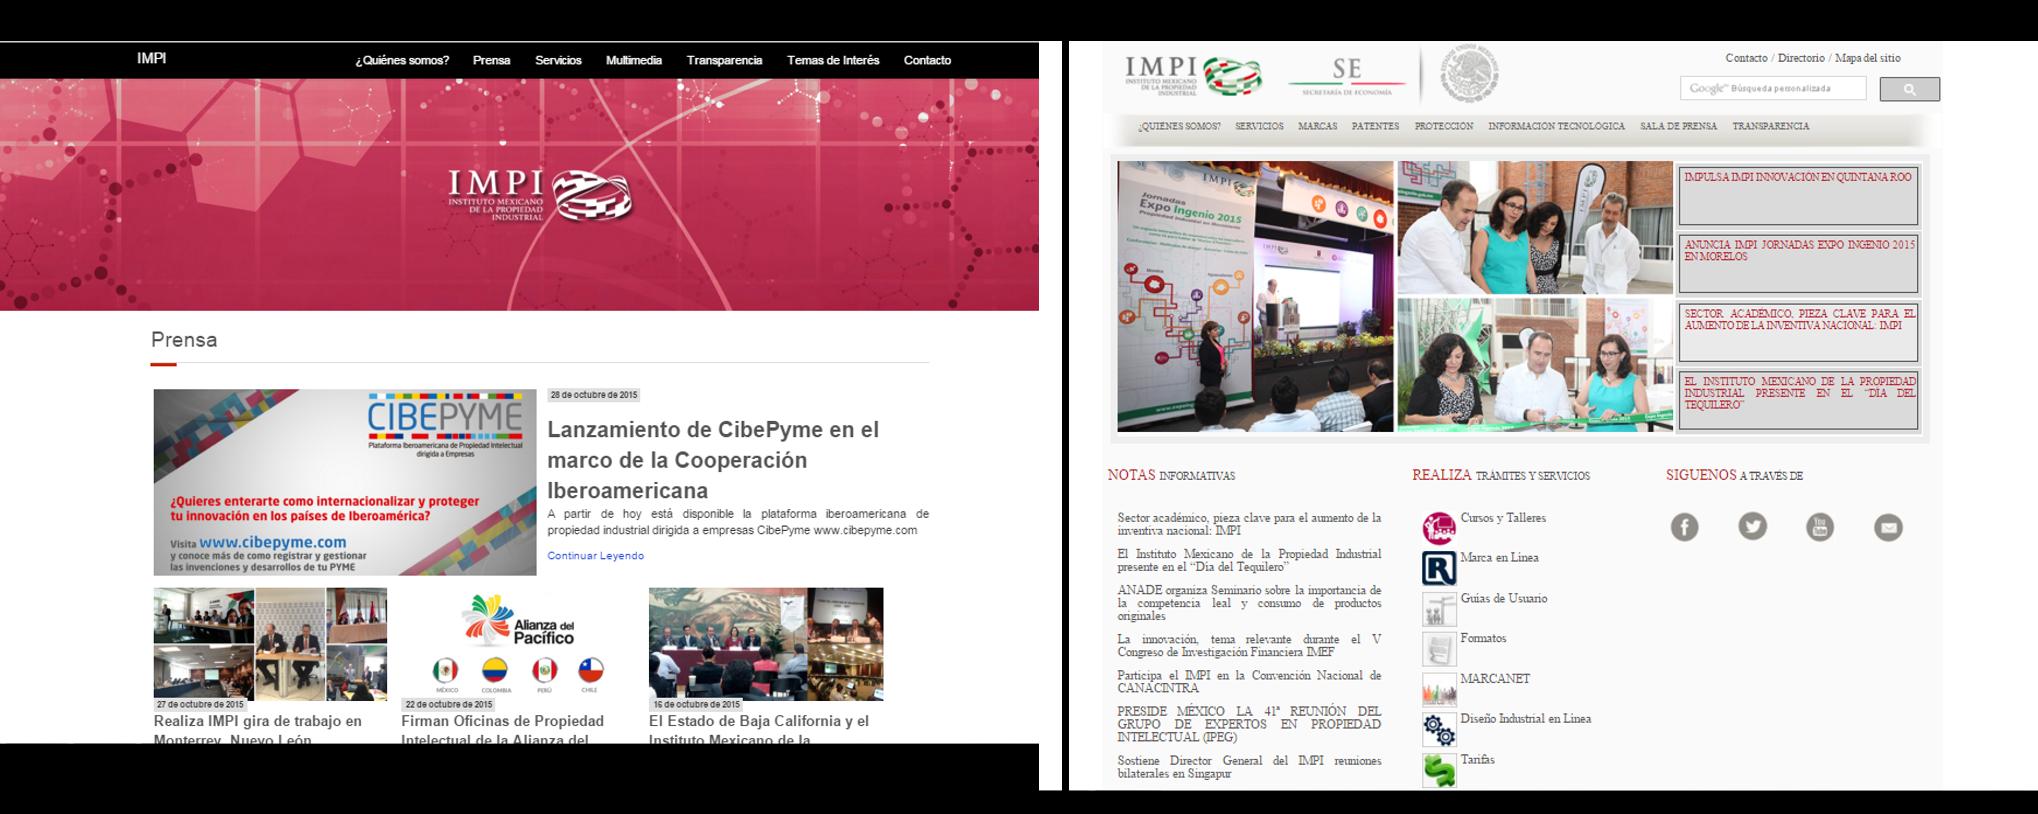 nueva página web del IMPI, más cambios en el IMPI